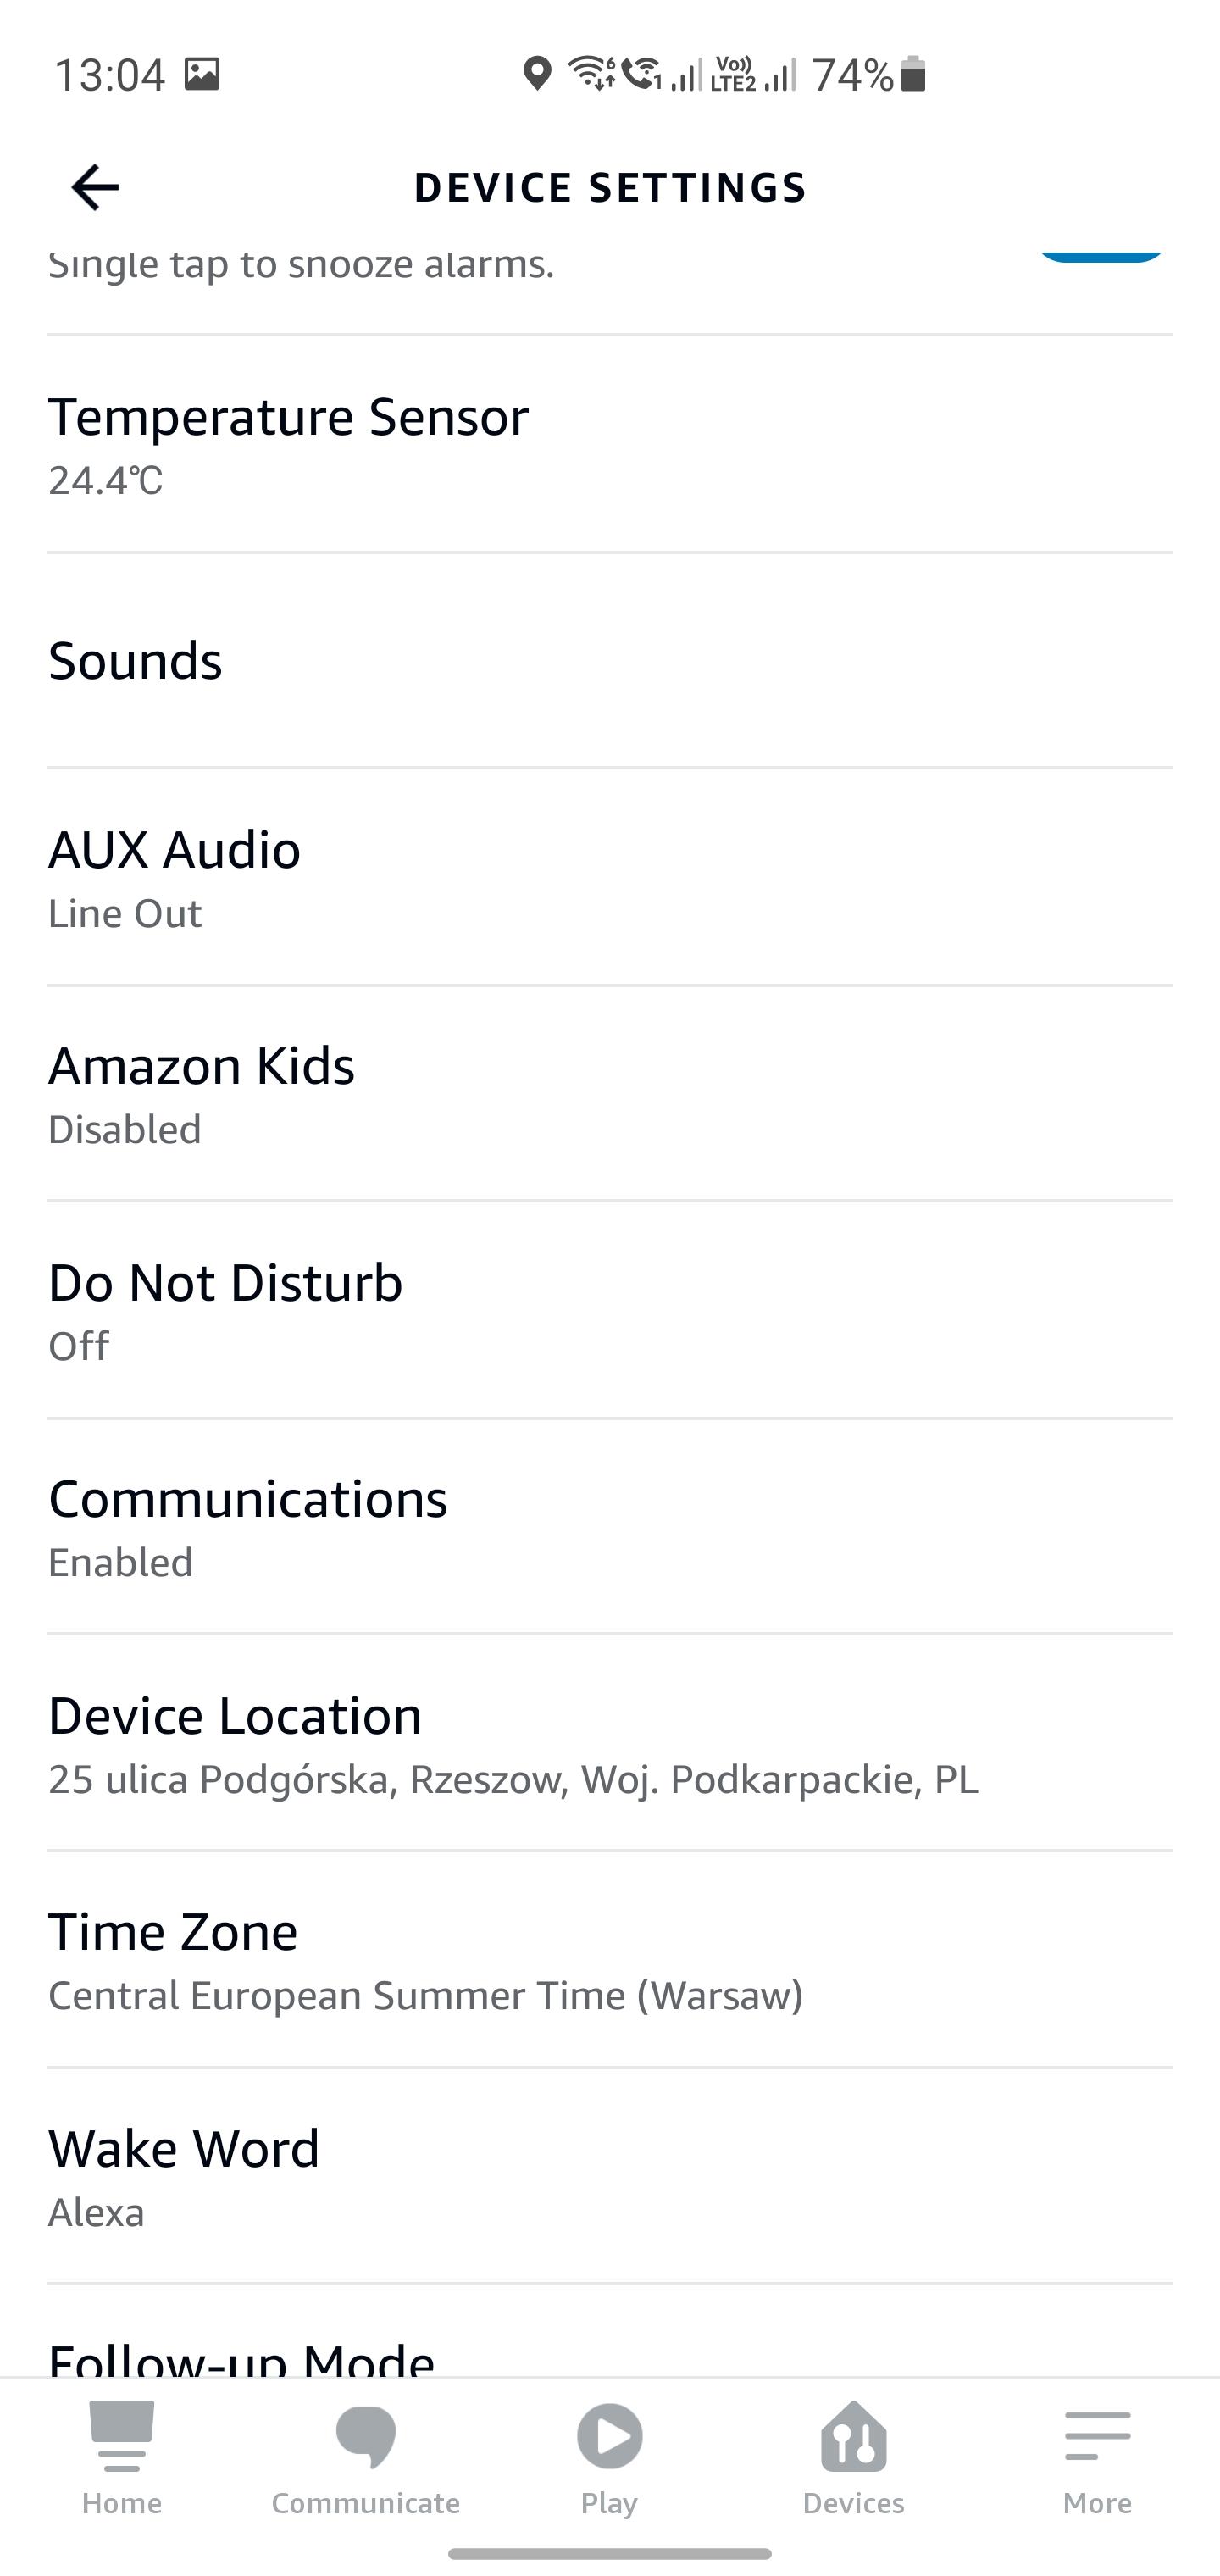 Asystent, muzyka i inteligentny dom w jednym głośniku - recenzja Amazon Echo 4 (wersja międzynarodowa)